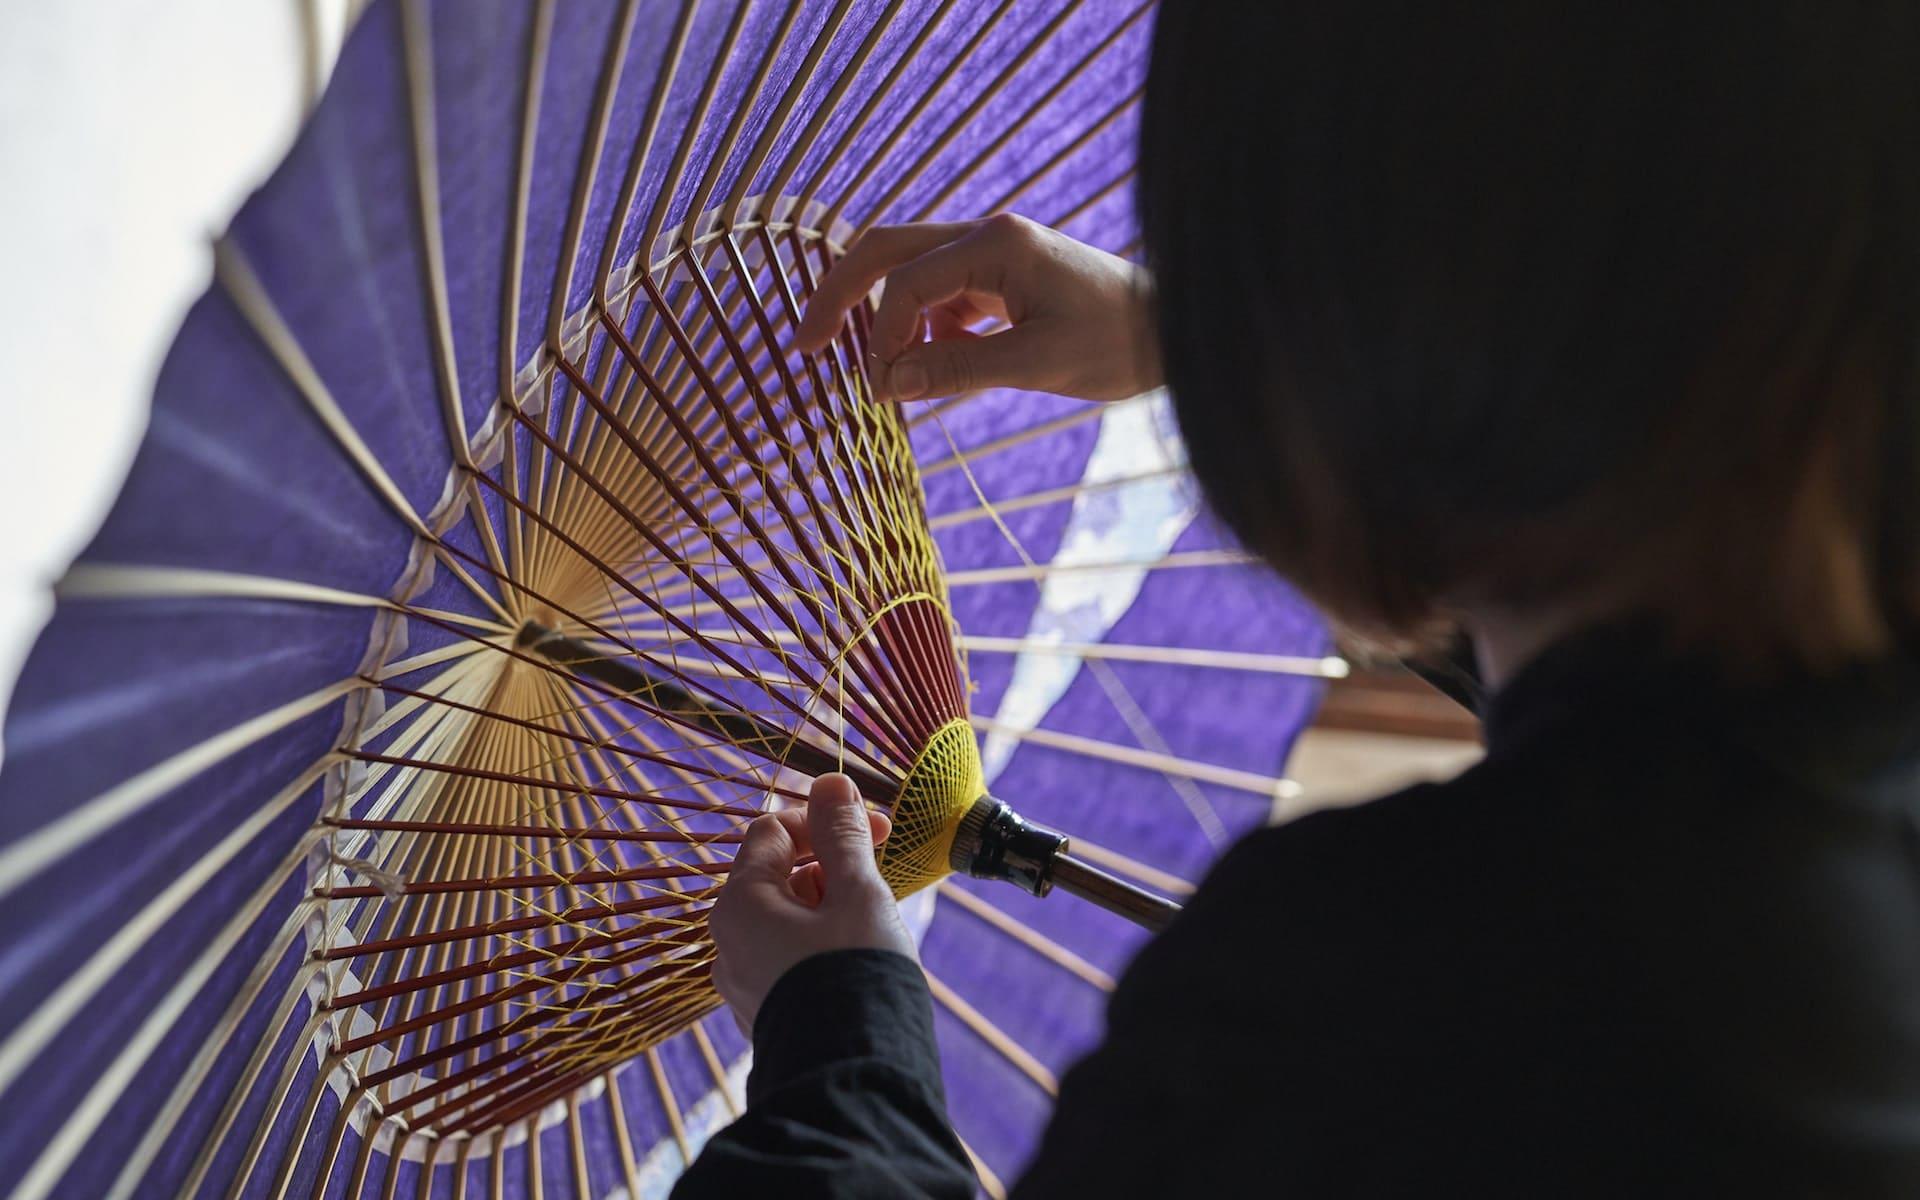 「開けば花、閉じれば竹」美しき和傘の産地・岐阜和傘の職人、河合幹子さんの思い